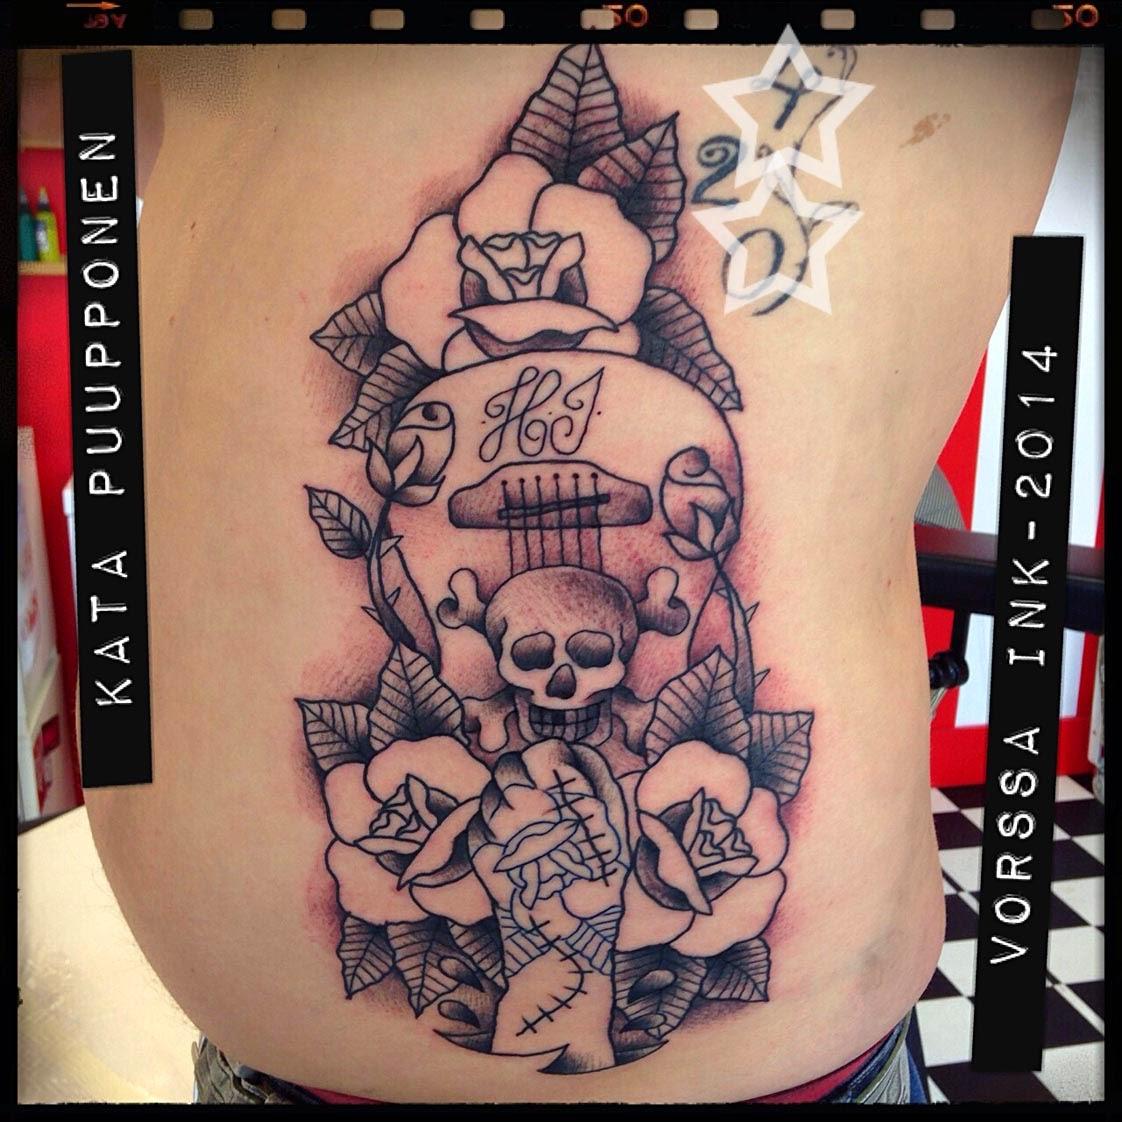 Tattoos By Kata Puupponen: Tattoos By Kata Puupponen: Huhtikuuta 2014